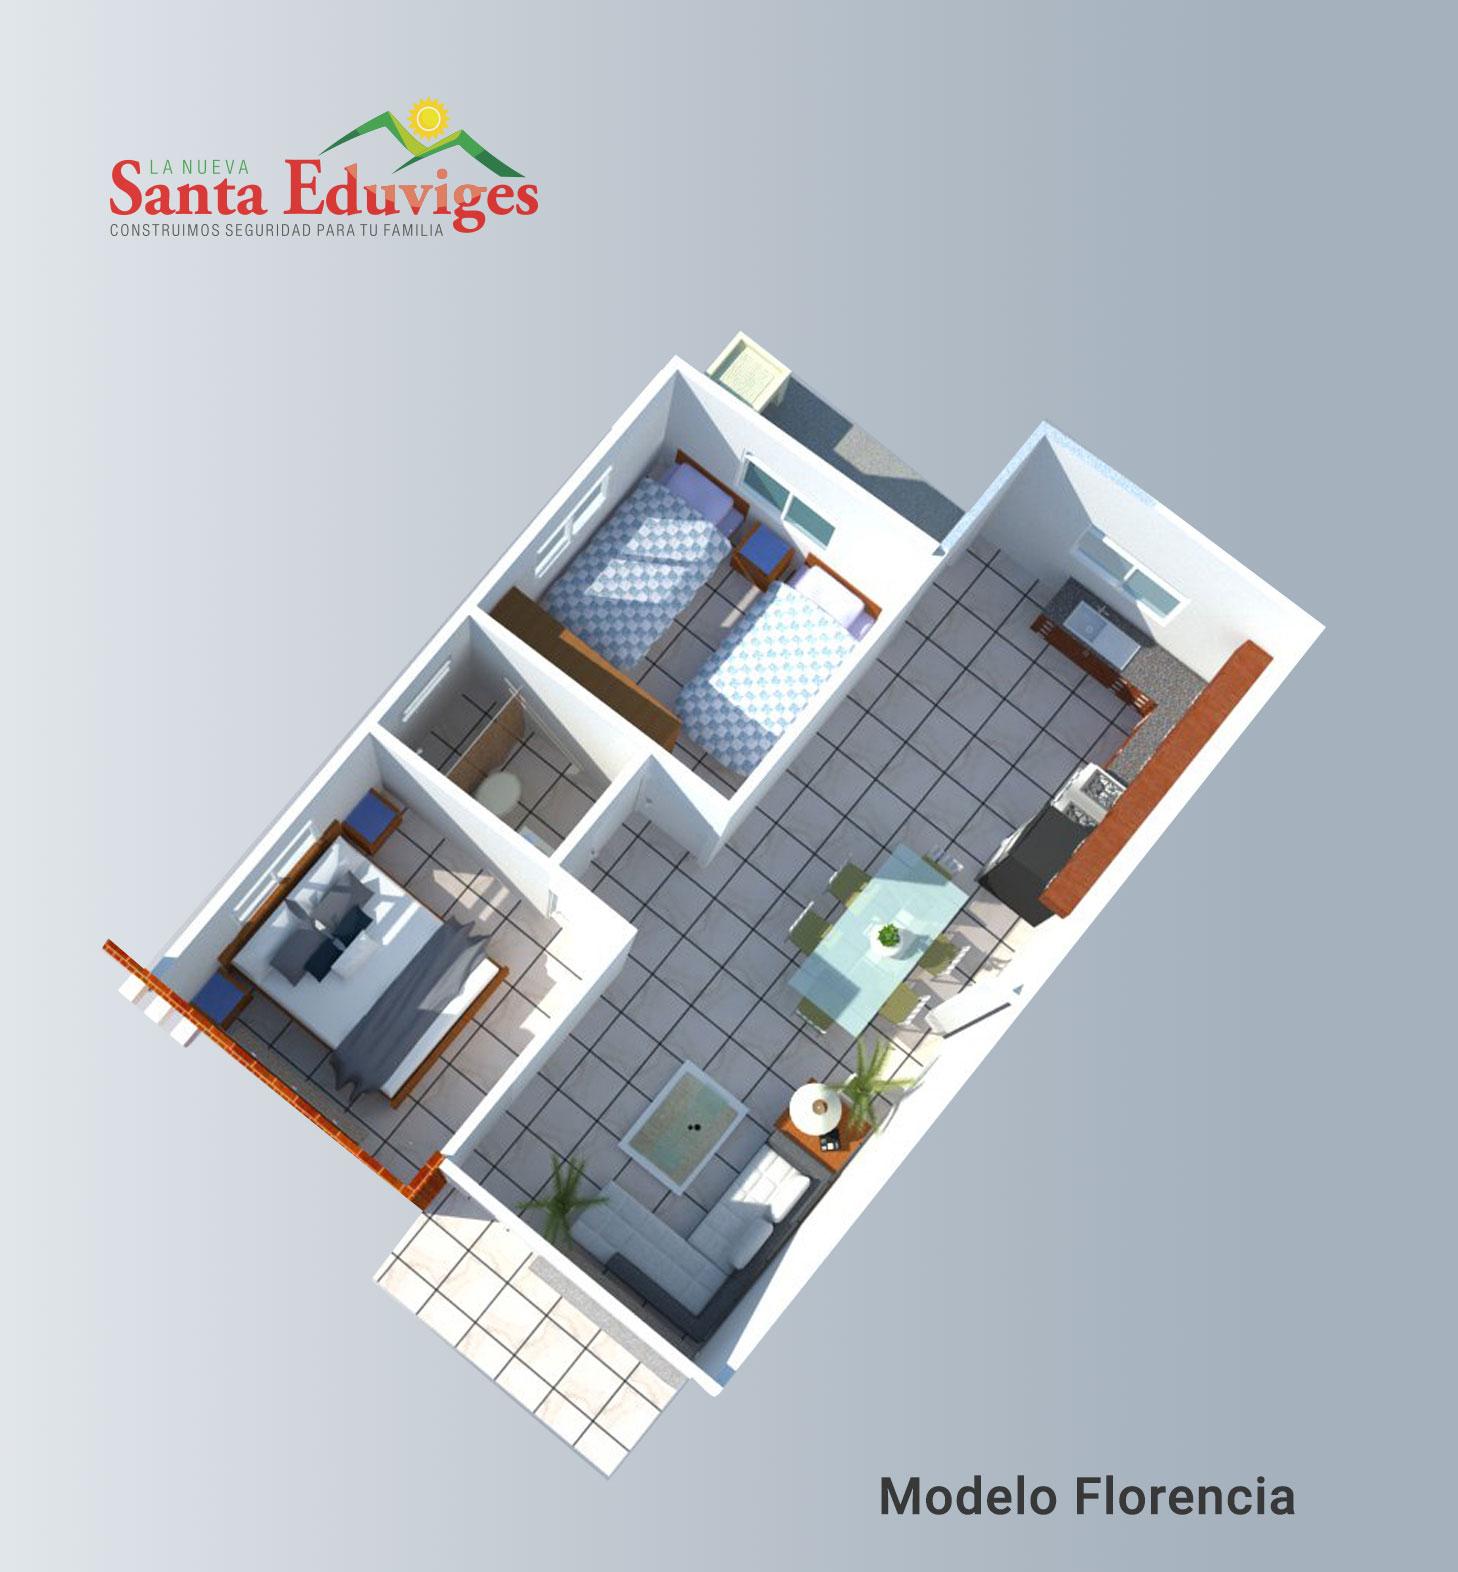 Modelo Florencia Planta